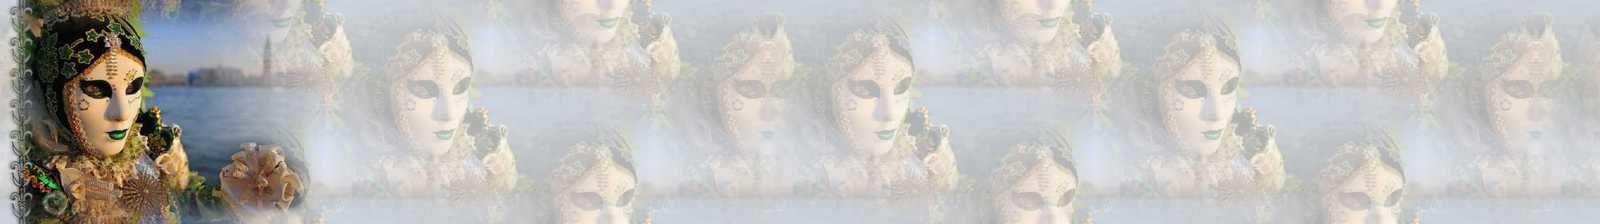 Carnaval de Venise Incredimail &amp&#x3B; Papier A4 h l &amp&#x3B; outlook &amp&#x3B; enveloppe &amp&#x3B; 2 cartes A5 &amp&#x3B; signets 3 langues   pers_venise_carnaval2009_08